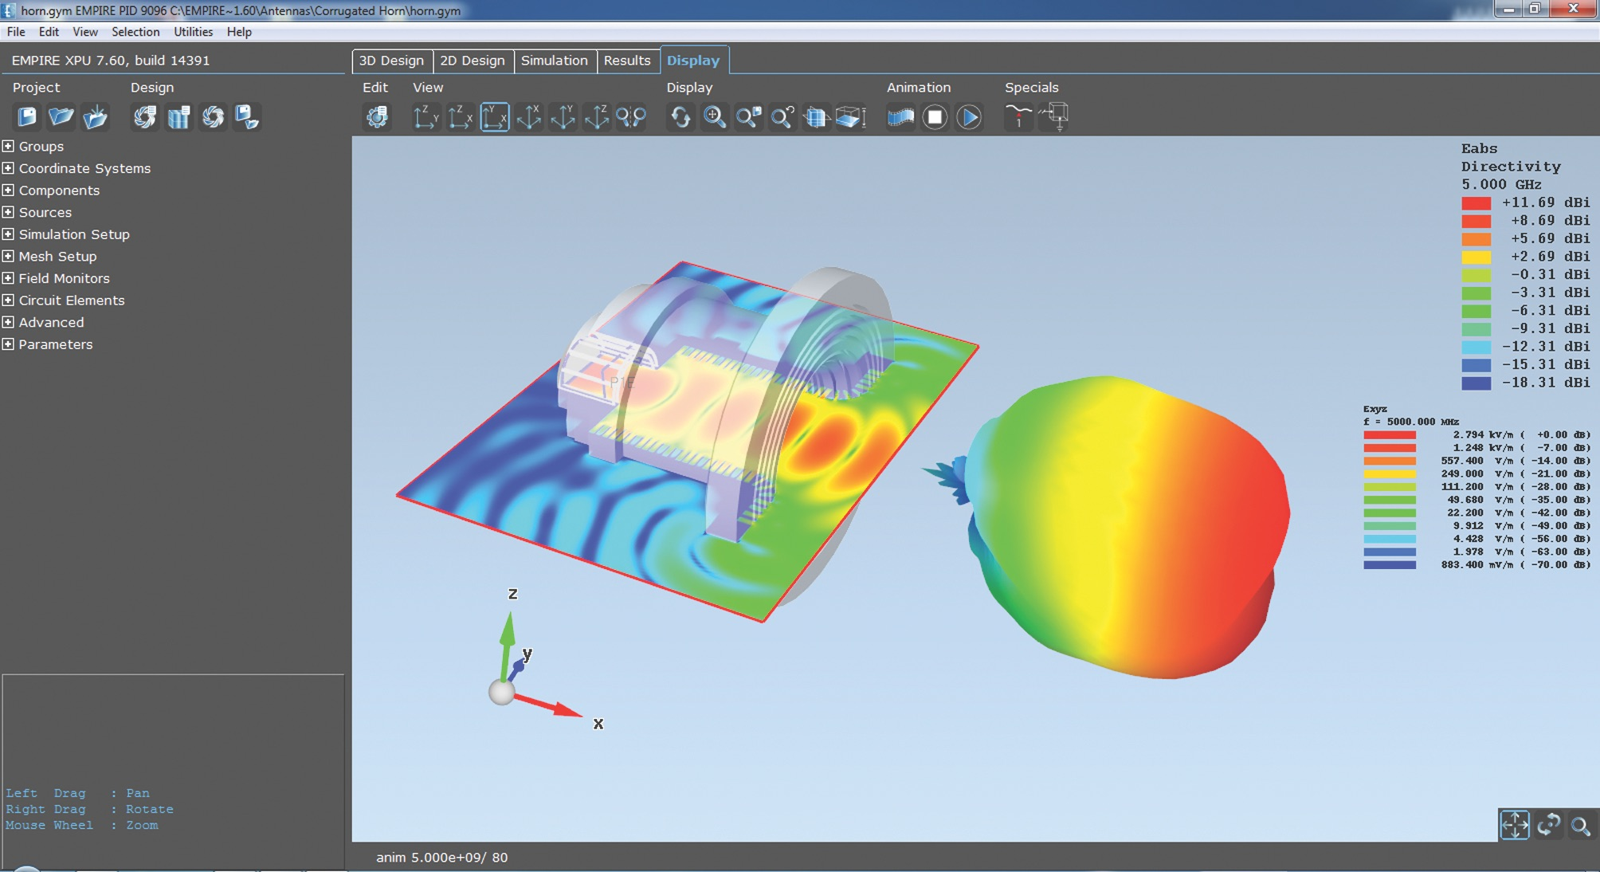 Просмотр 3D-модели и результатов моделирования на вкладке Display